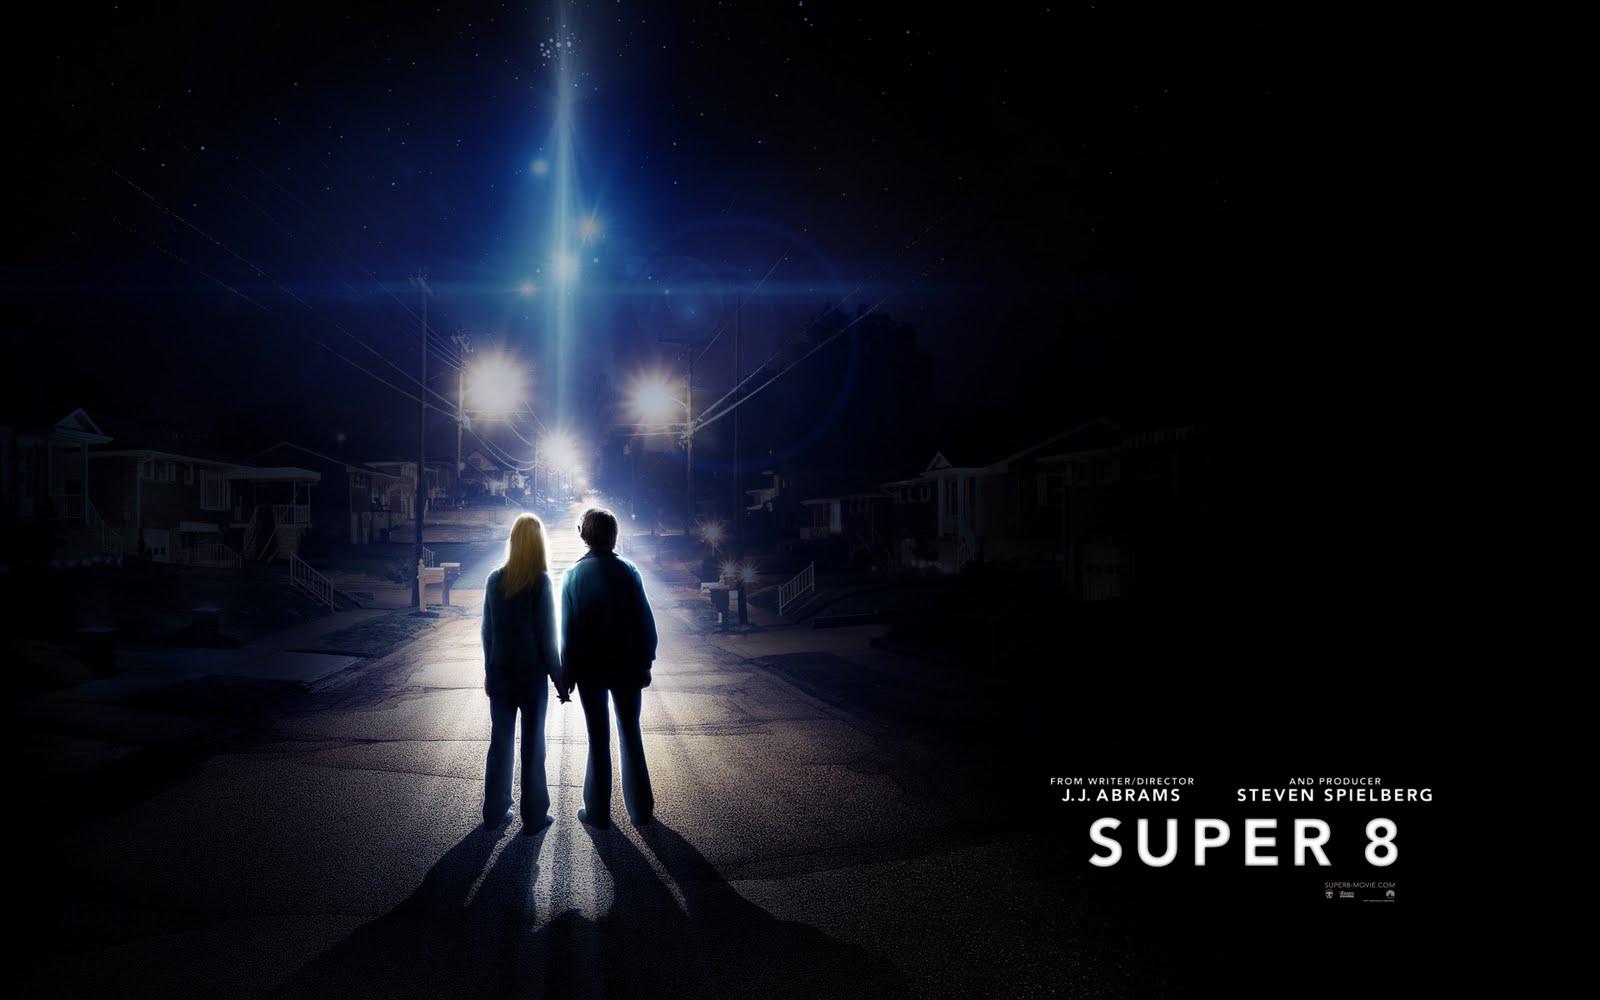 فيلم الخيال العلمي والغموض المنتظر Super 8 مترجم على سيرفرات صاروخية Super8_wallpaper_06